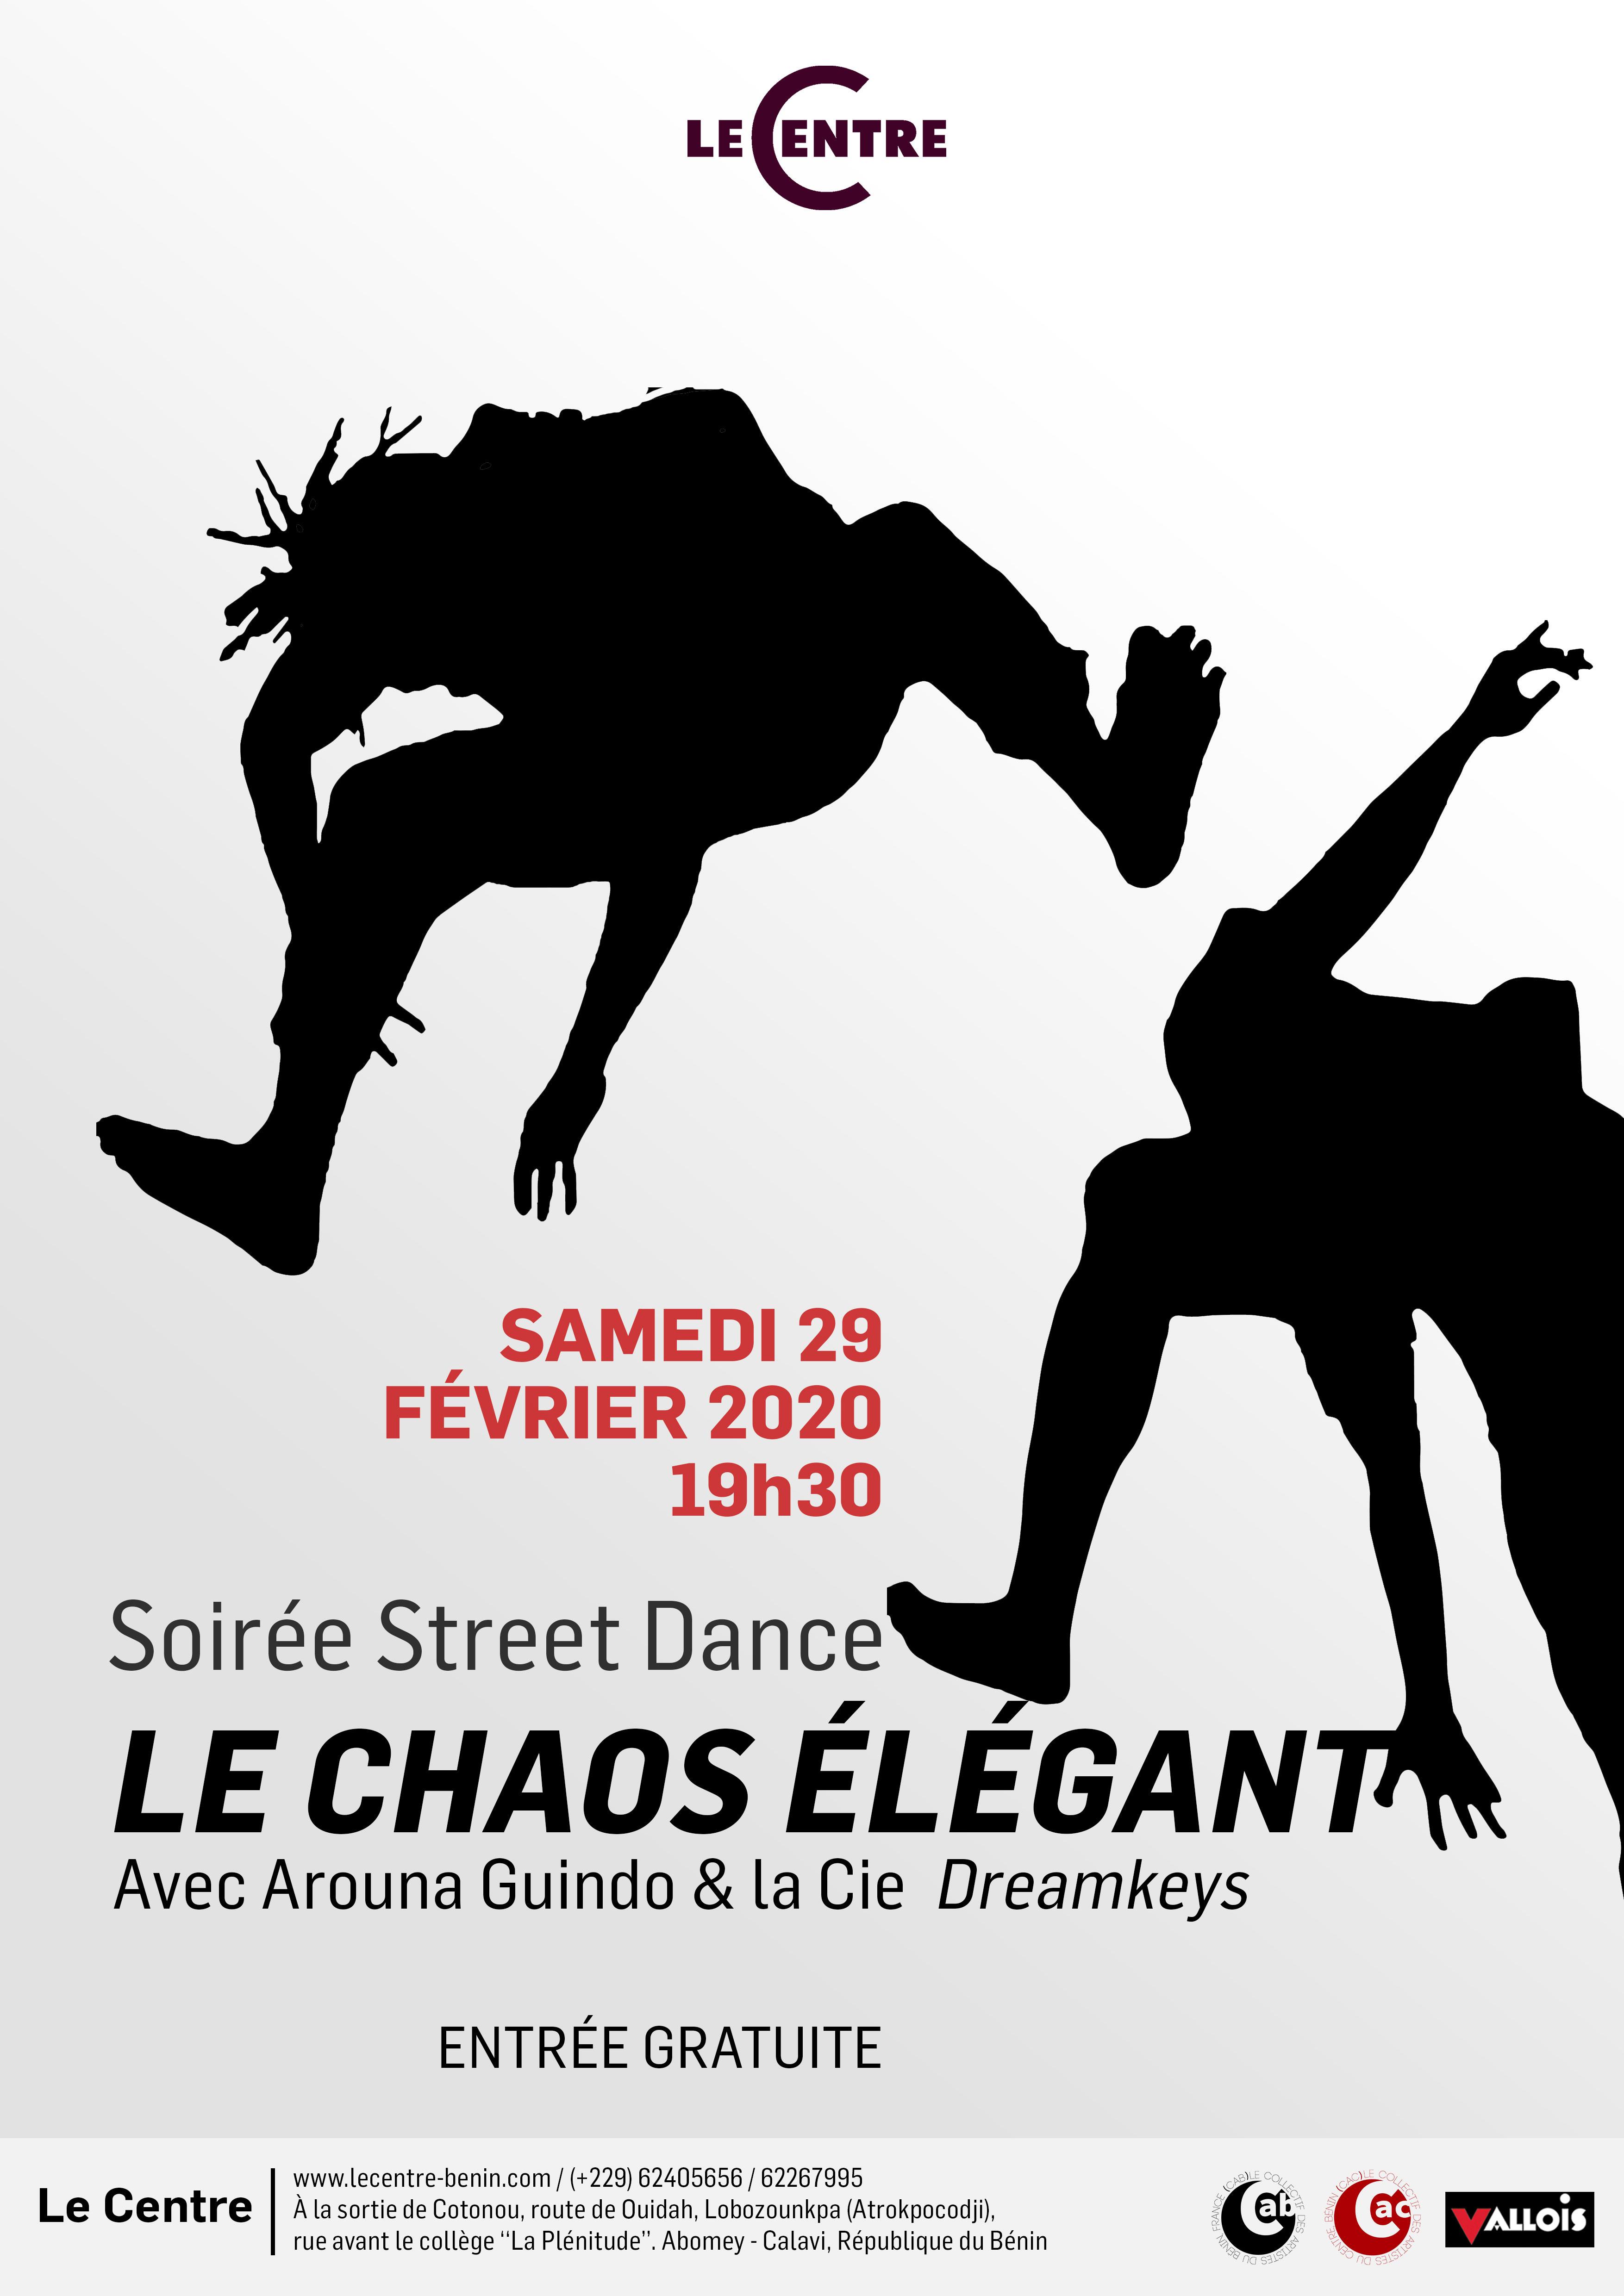 Street dance, Le Chaos Elégant